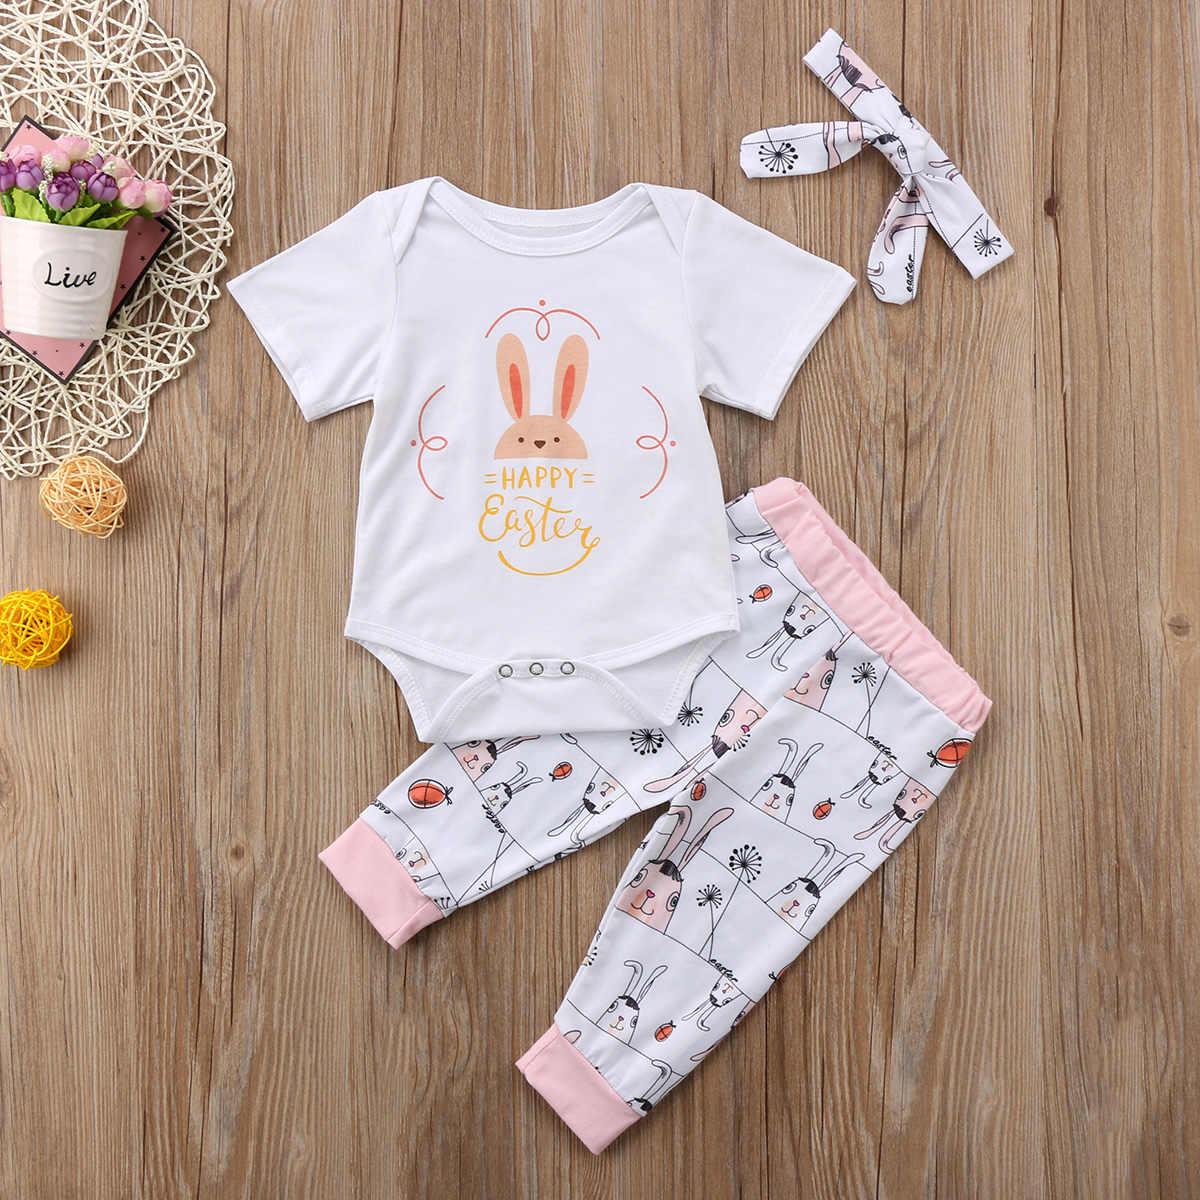 Детский комбинезон для новорожденных девочек, комбинезон + штаны, комбинезон, боди, одежда, наряд, Пасхальная Пасха